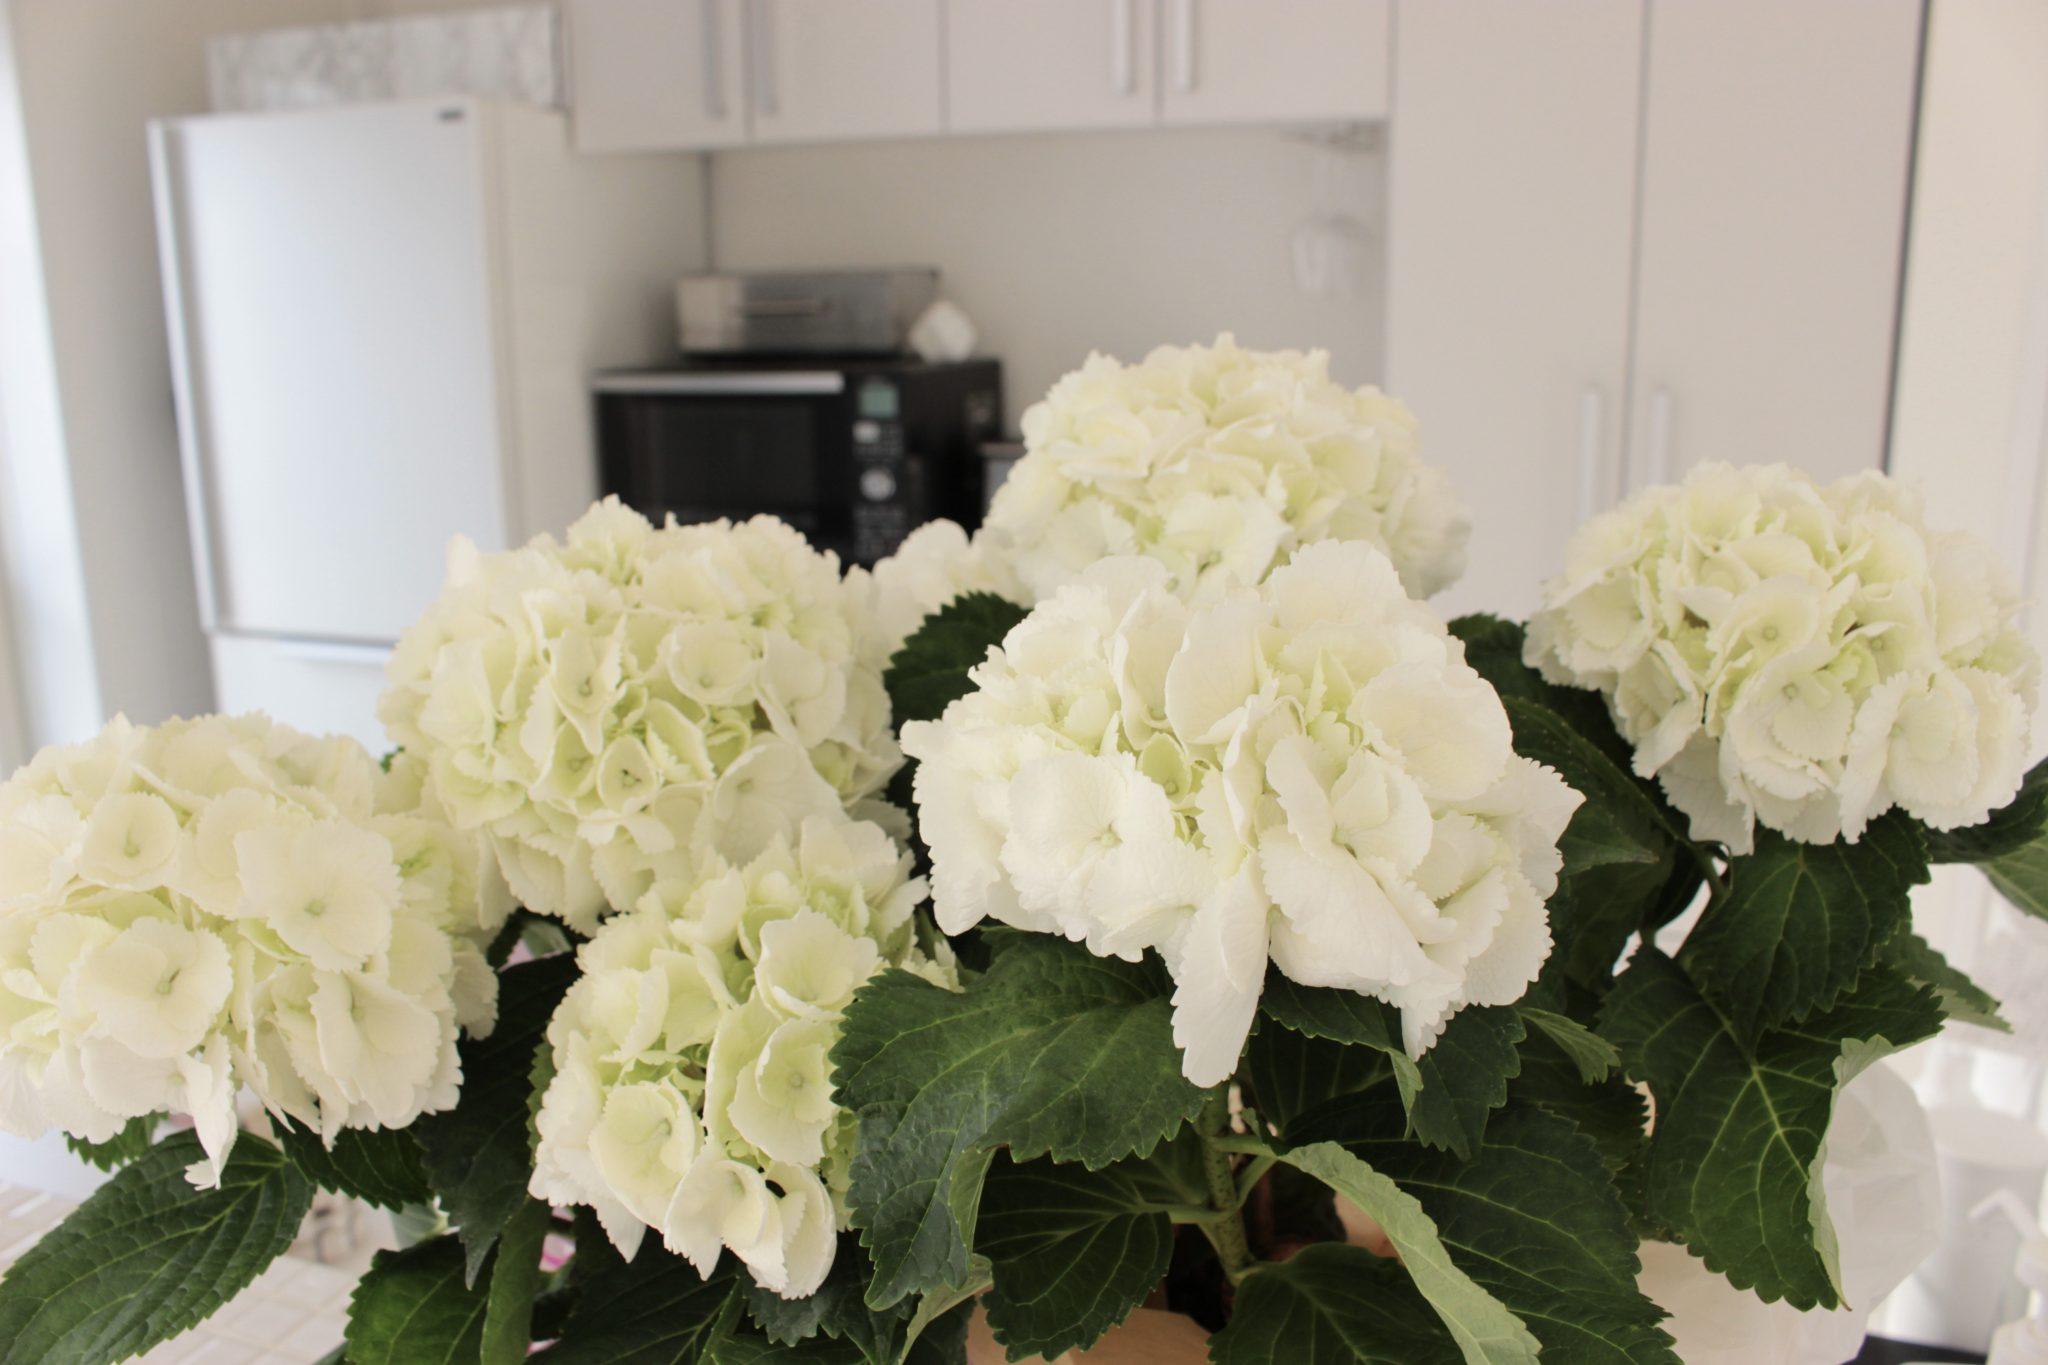 《インテリアになる白い花》花瓶に飾って部屋をおしゃれに♪